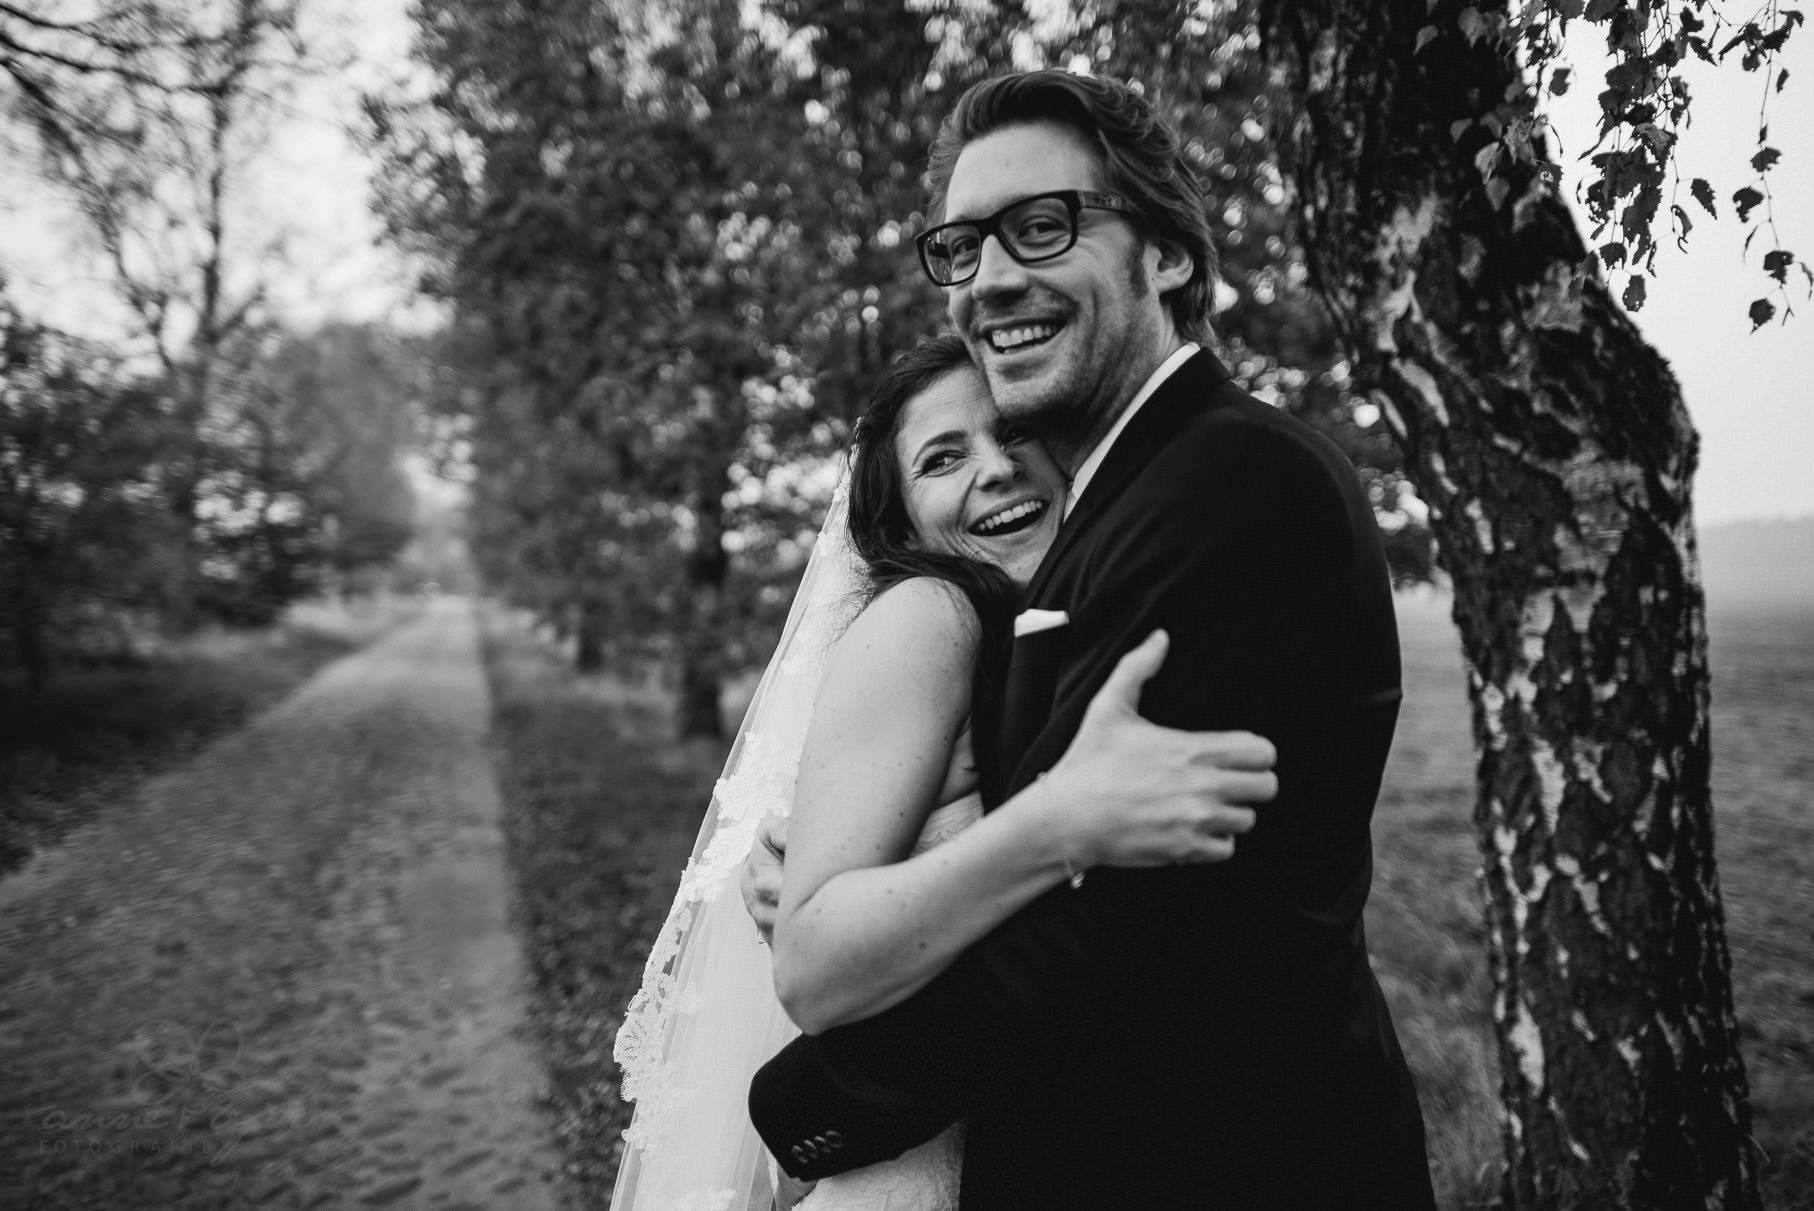 0114 aub 811 5931 - Hochzeit auf Gut Thansen - Anja & Björn